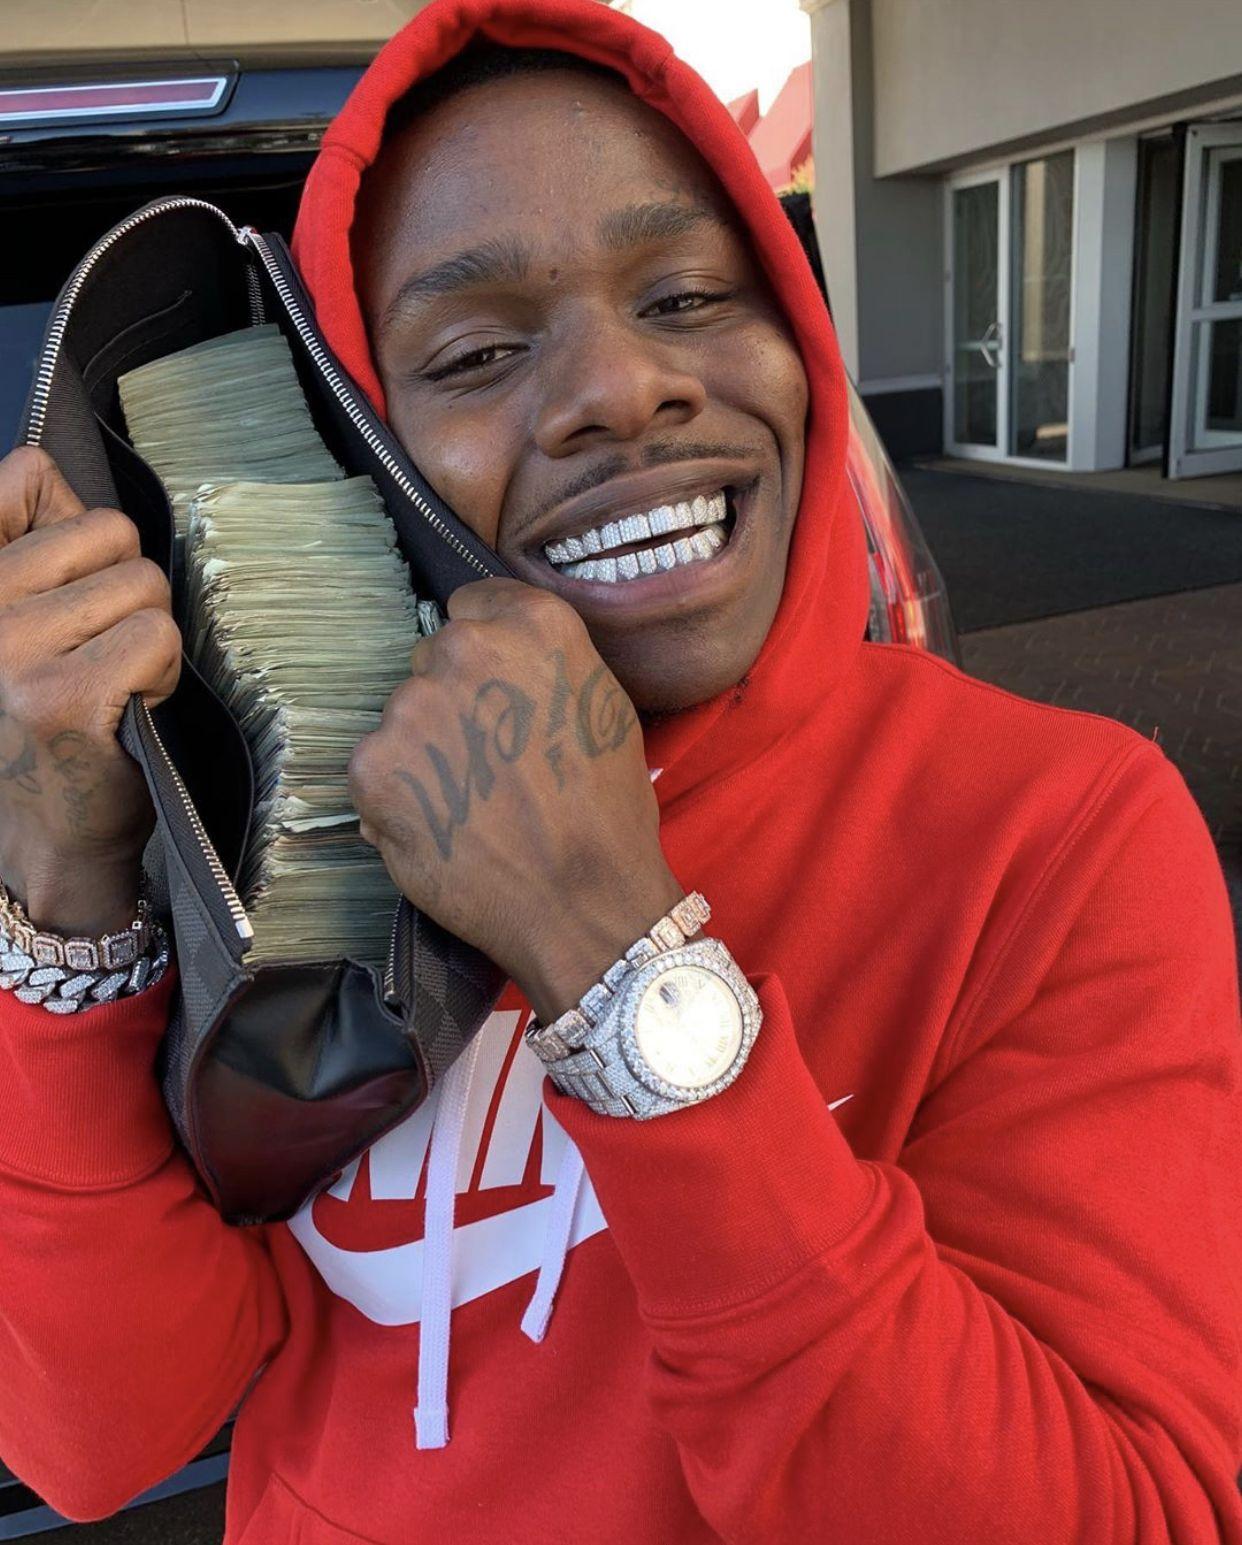 Pin by Mikayla on It's Money Babyy !!! [ K Camp Voice